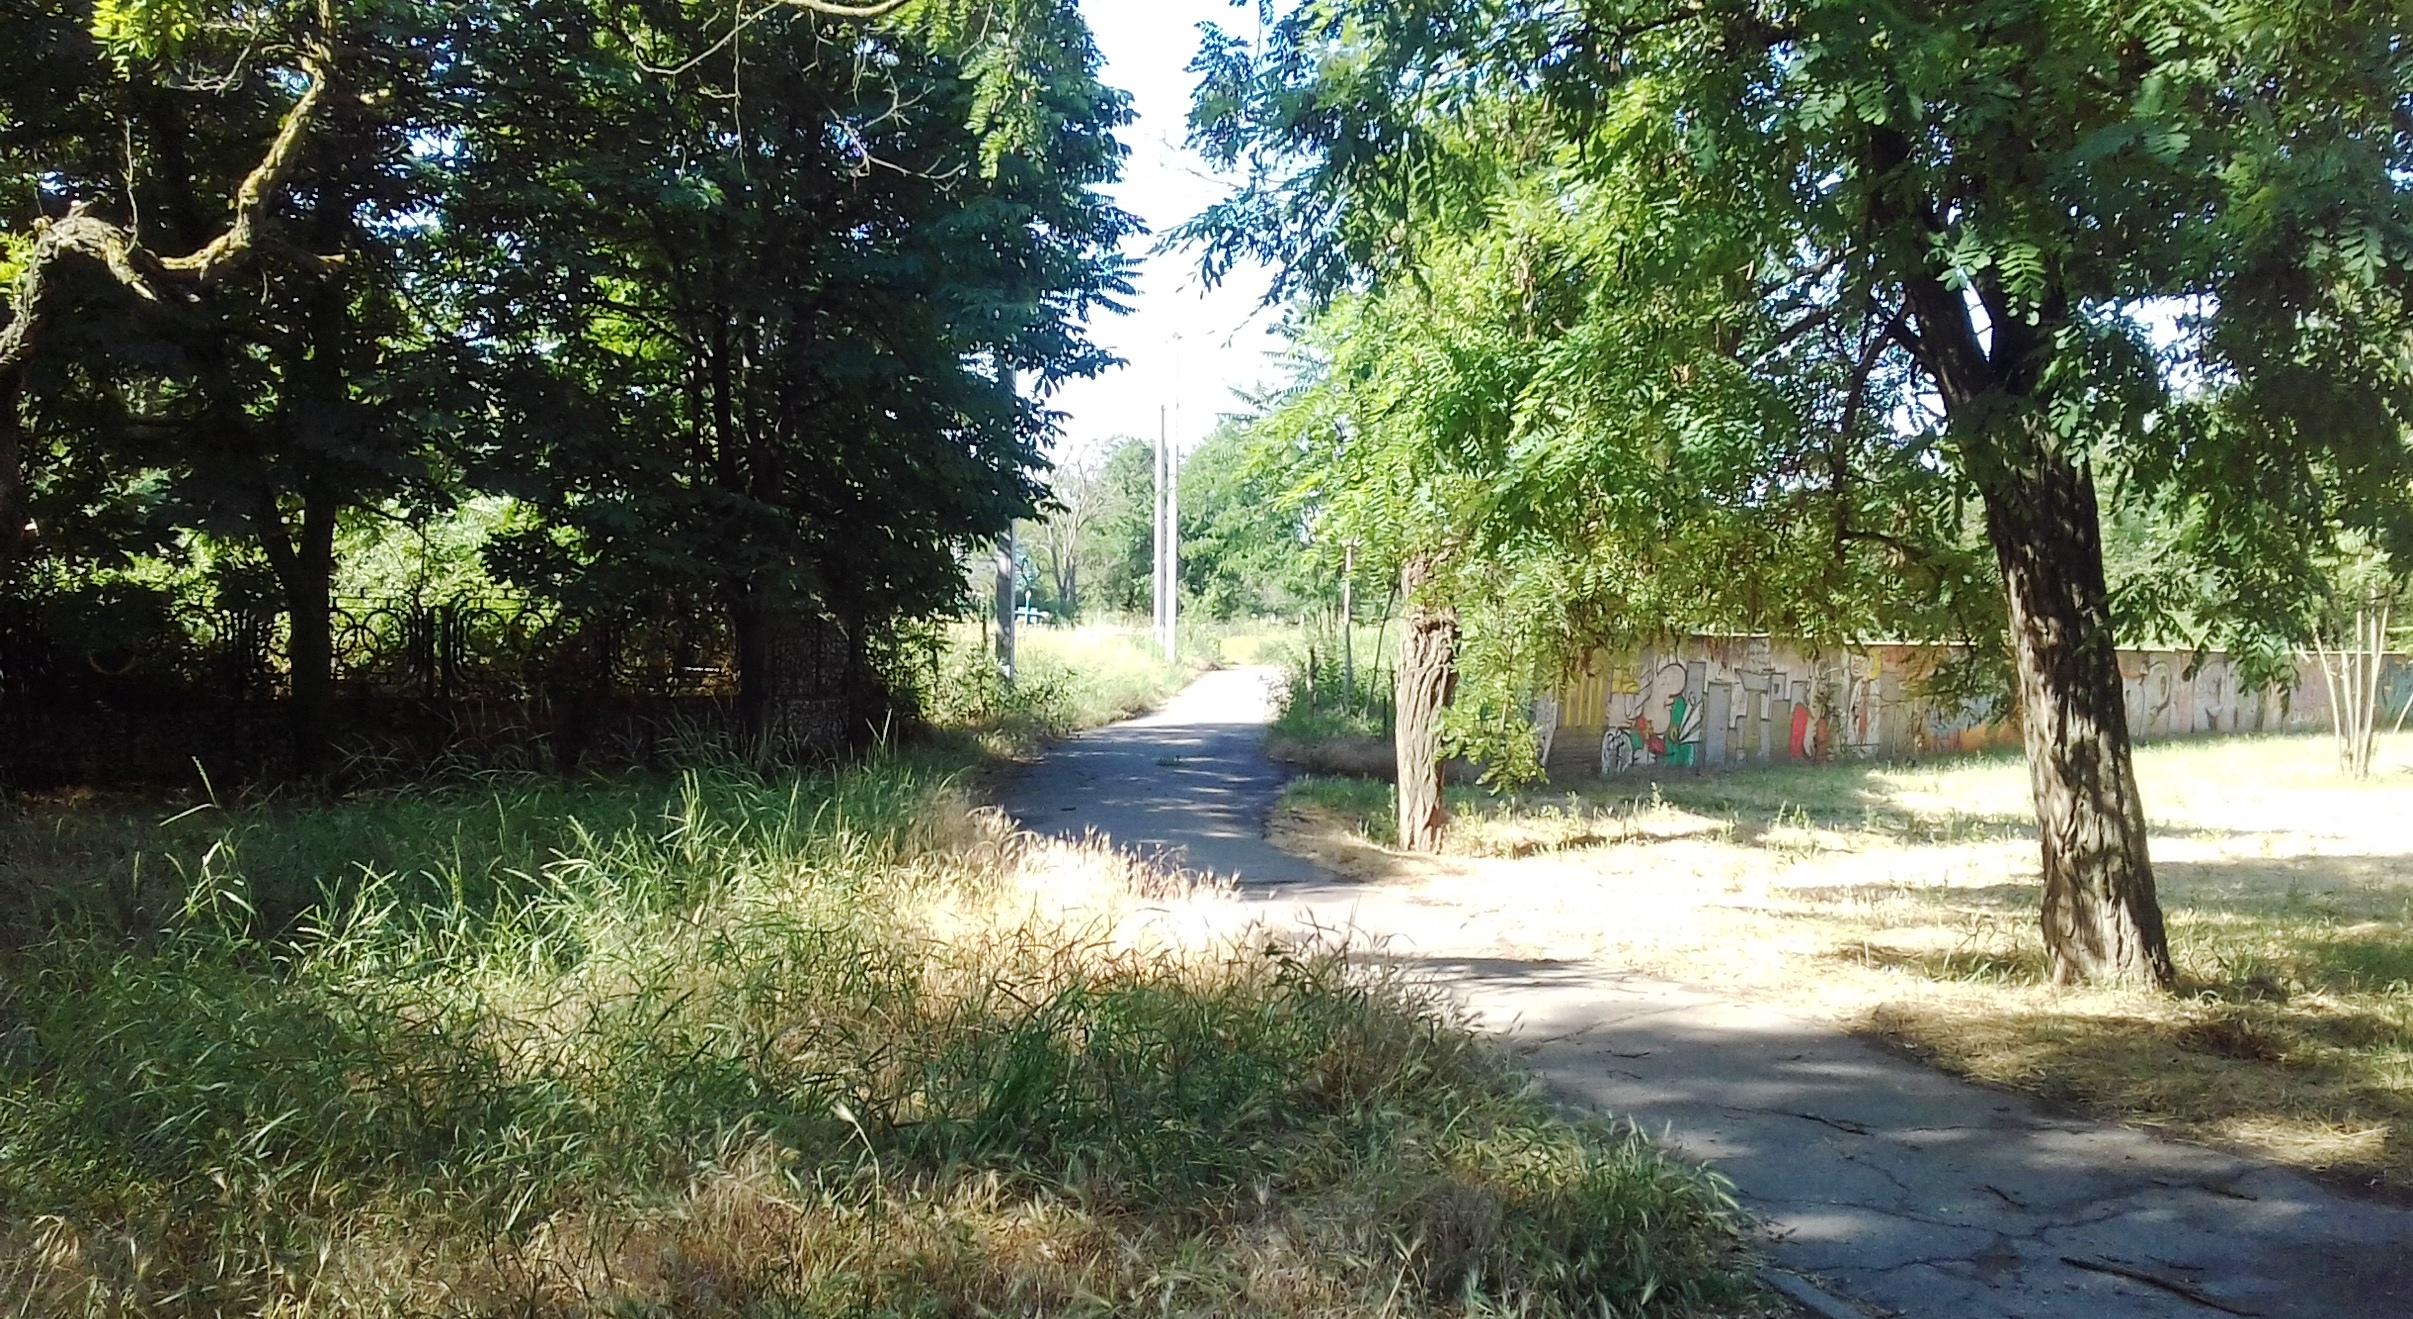 Херсонское мемориальное кладбище - добыча леса, металла и антиквариата (фото)